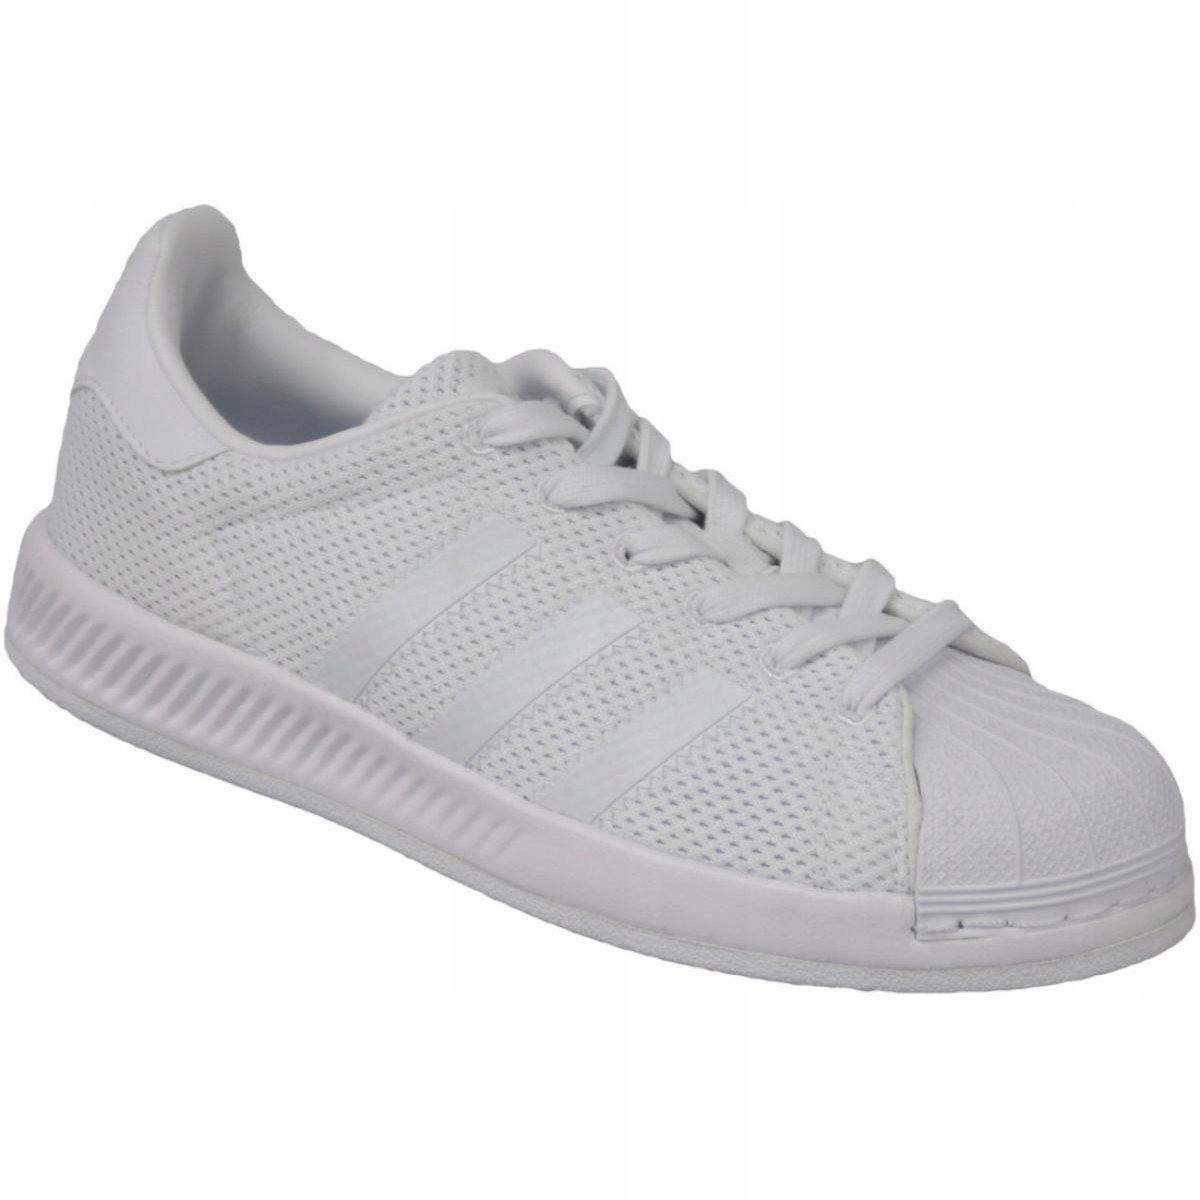 Adidas sportowe damskie białe skórzane r.35,5